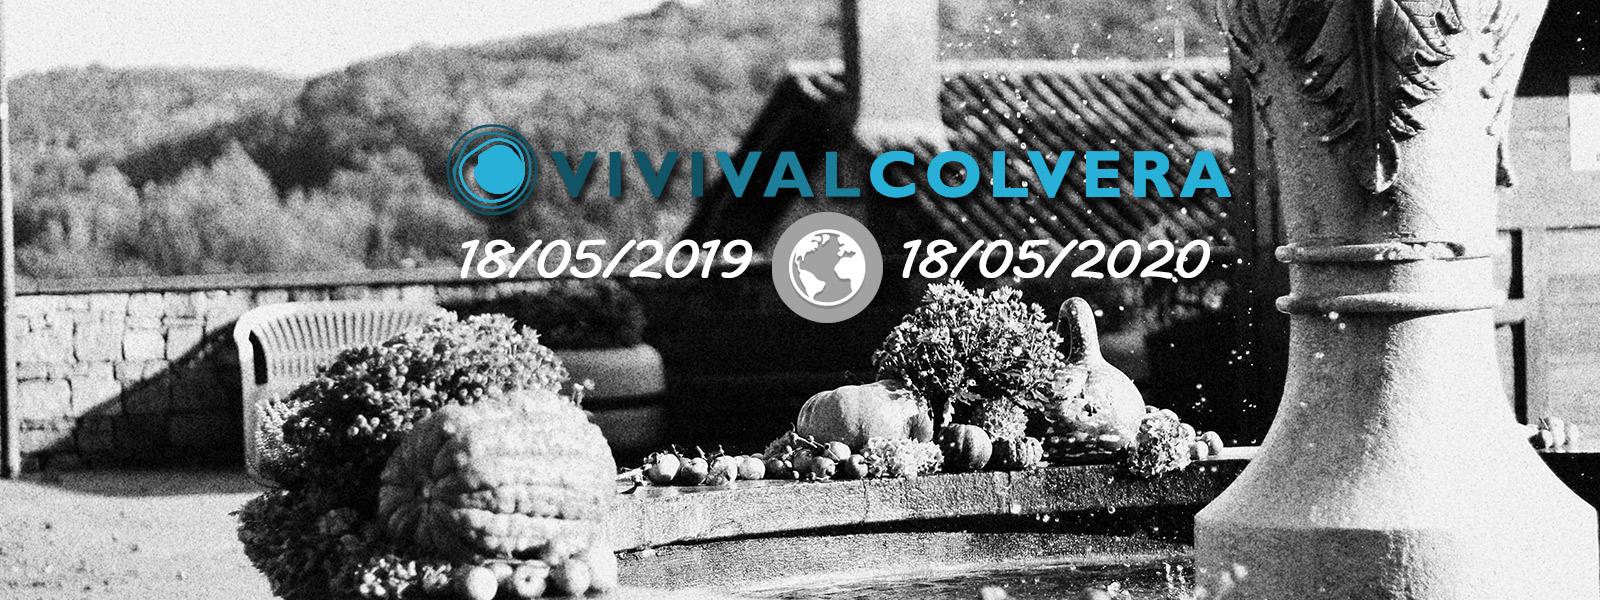 1° anniversario VIVIVALCOLVERA